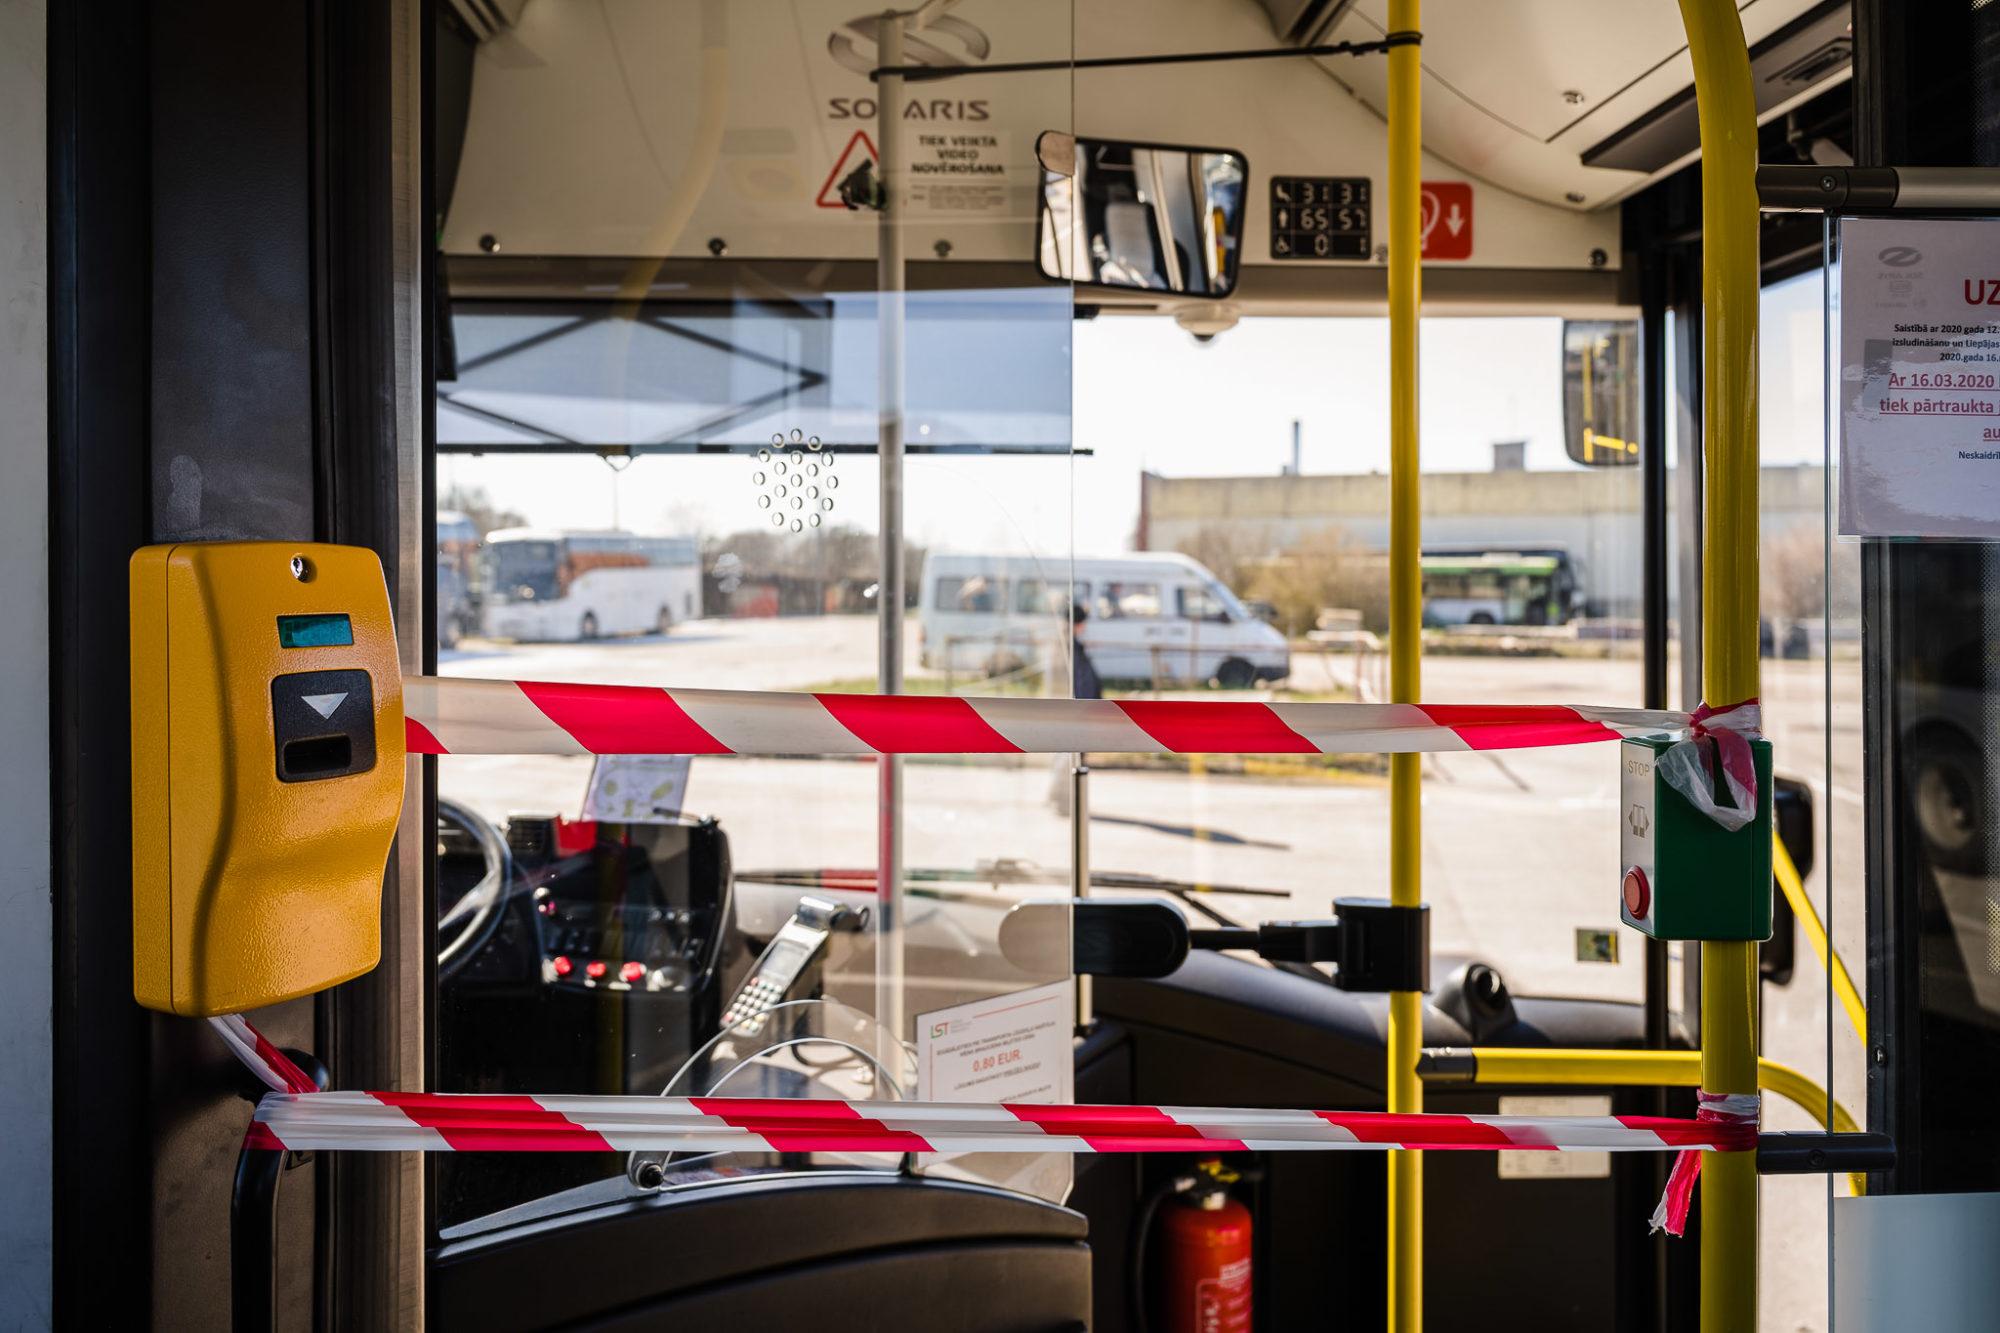 У водителей общественного транспорта вновь можно получить бесплатный билет на проезд